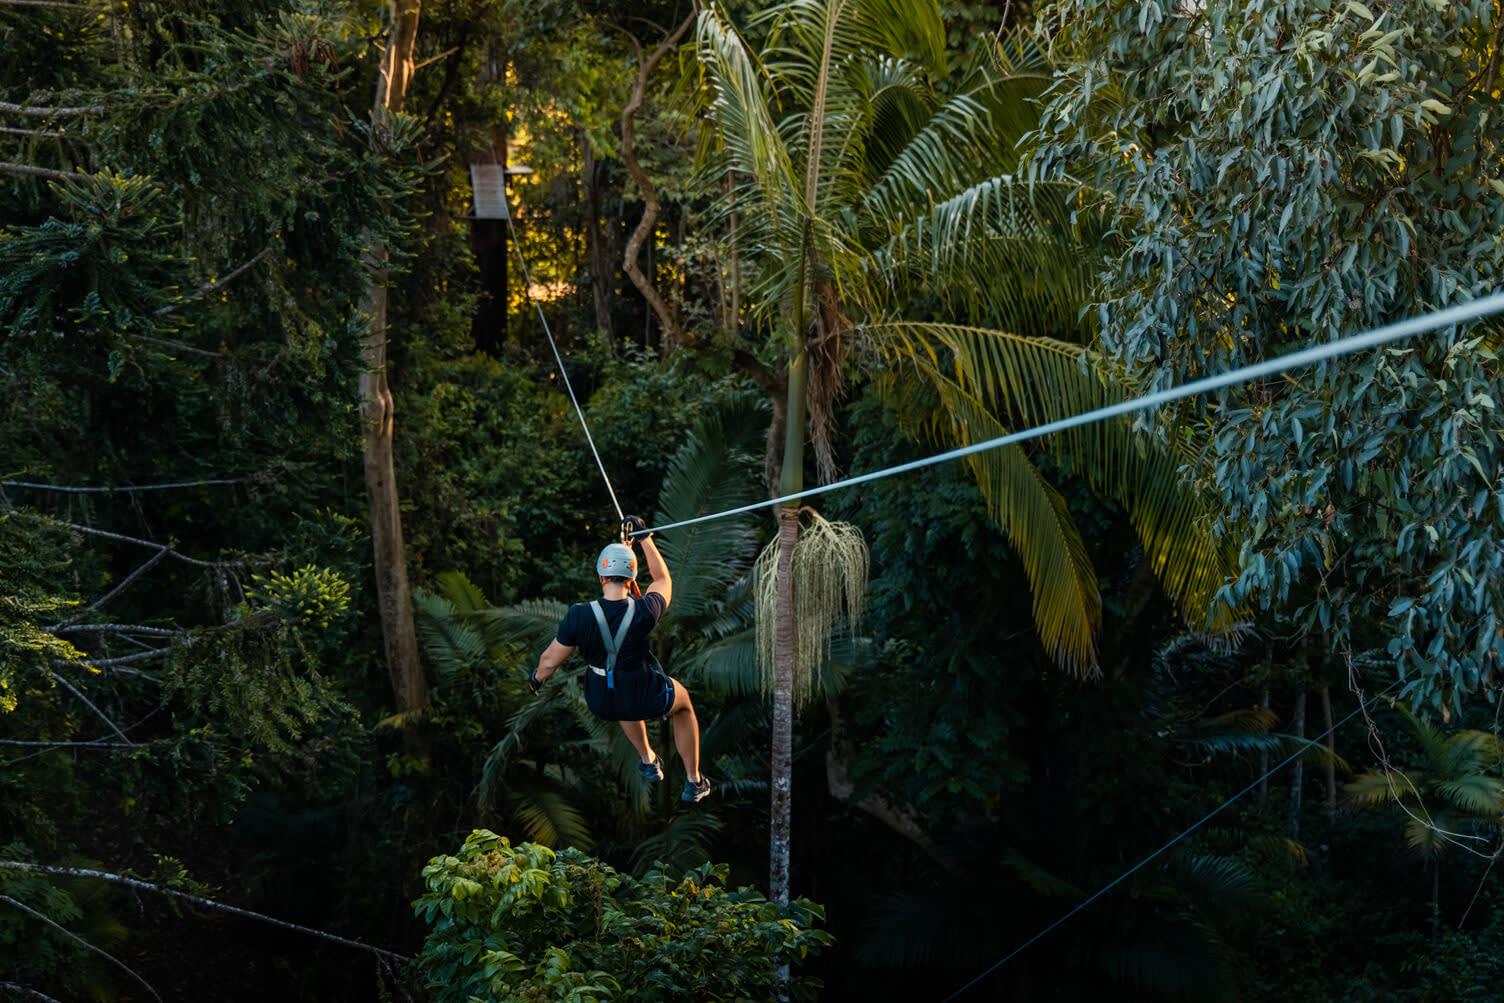 TreeTop Challenge Sunshine Coast, Woombye